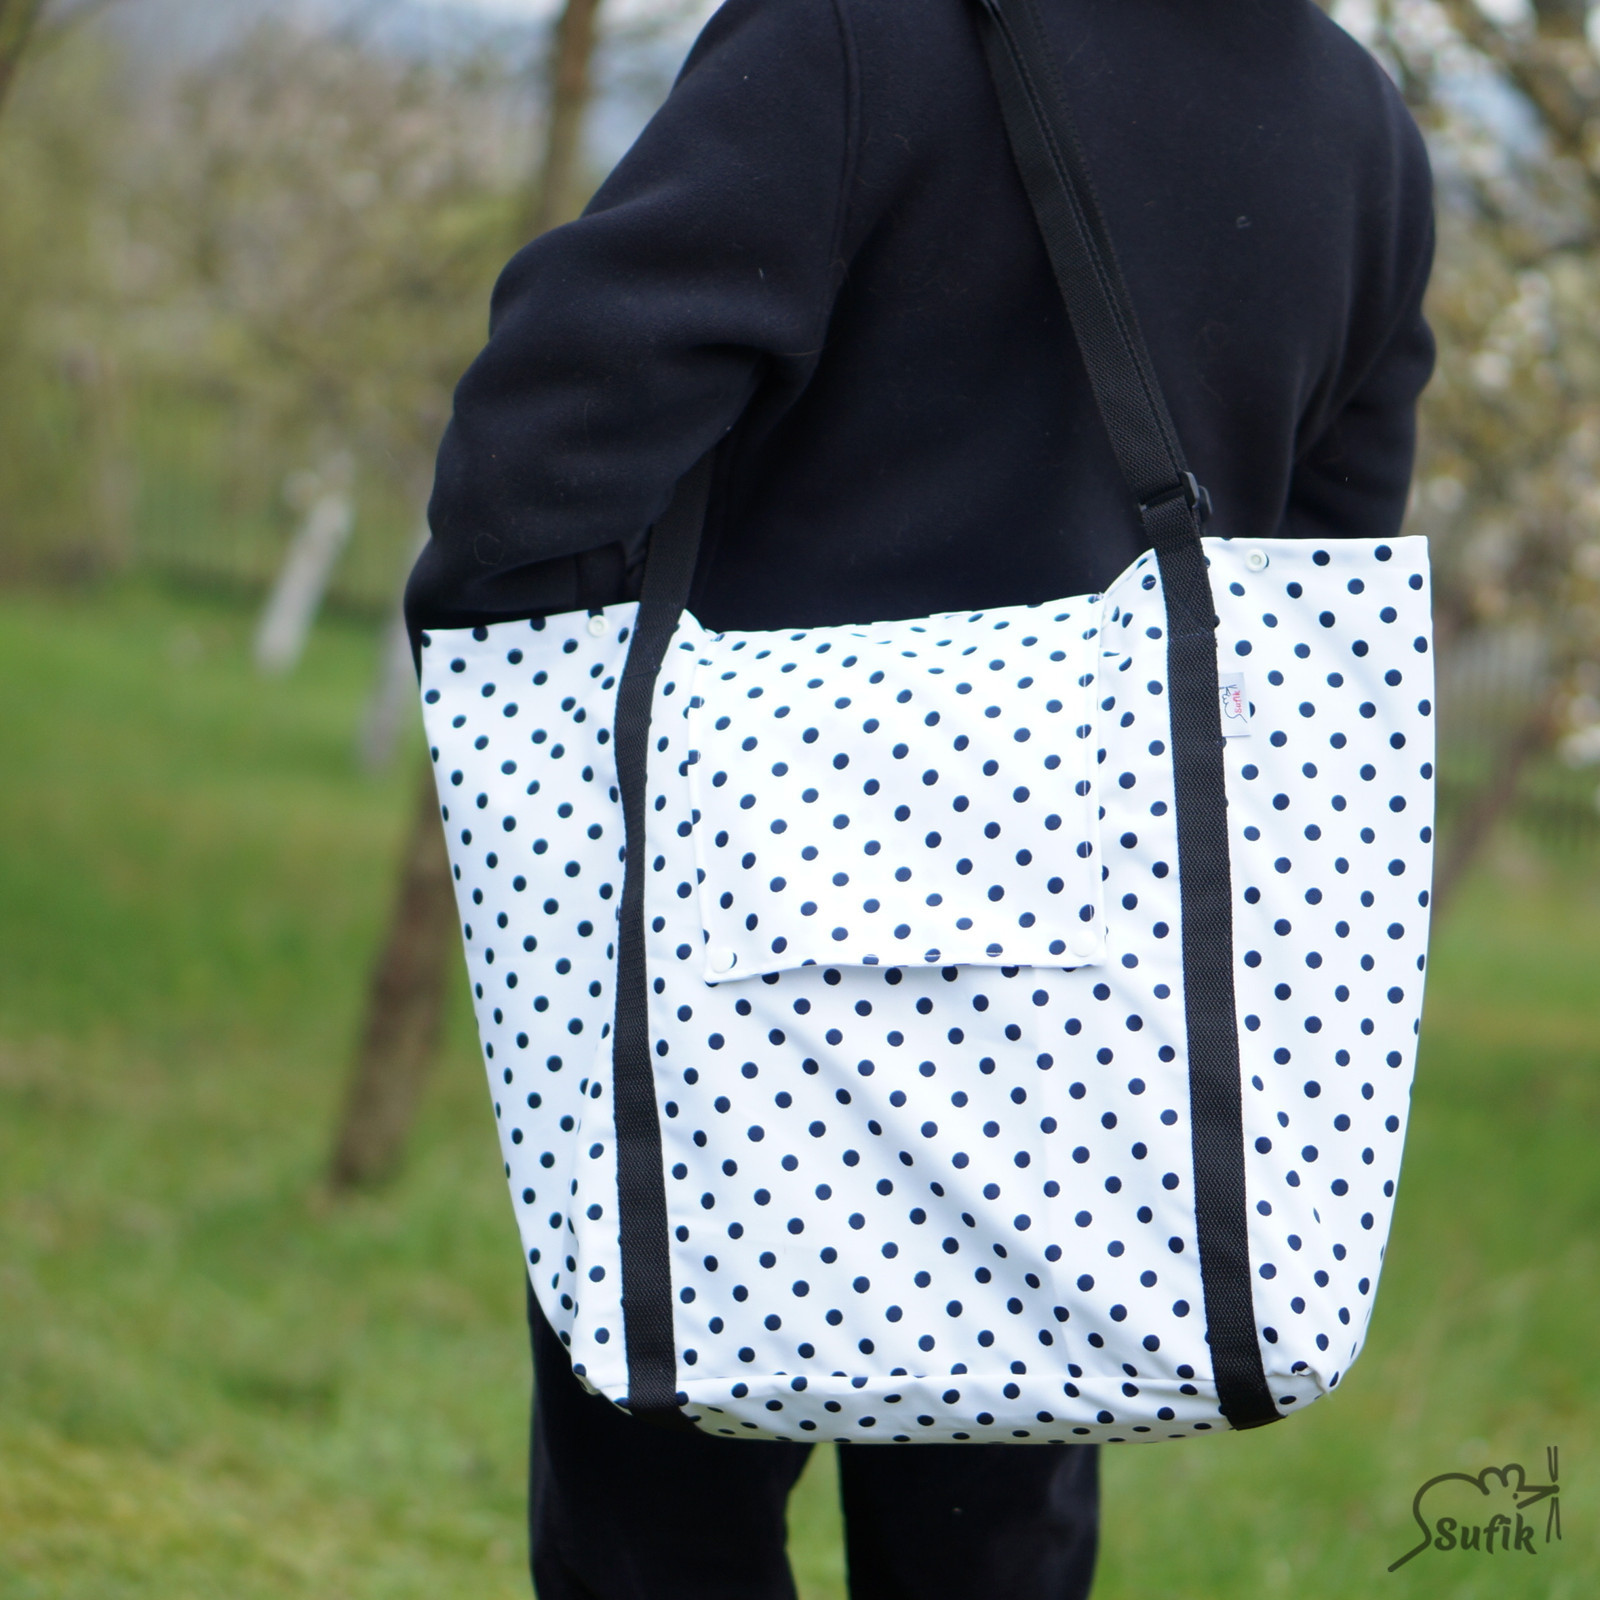 0633e18c6 XXL taška nákupní, lehká, skládací s víkem / Zboží prodejce Sufik ...